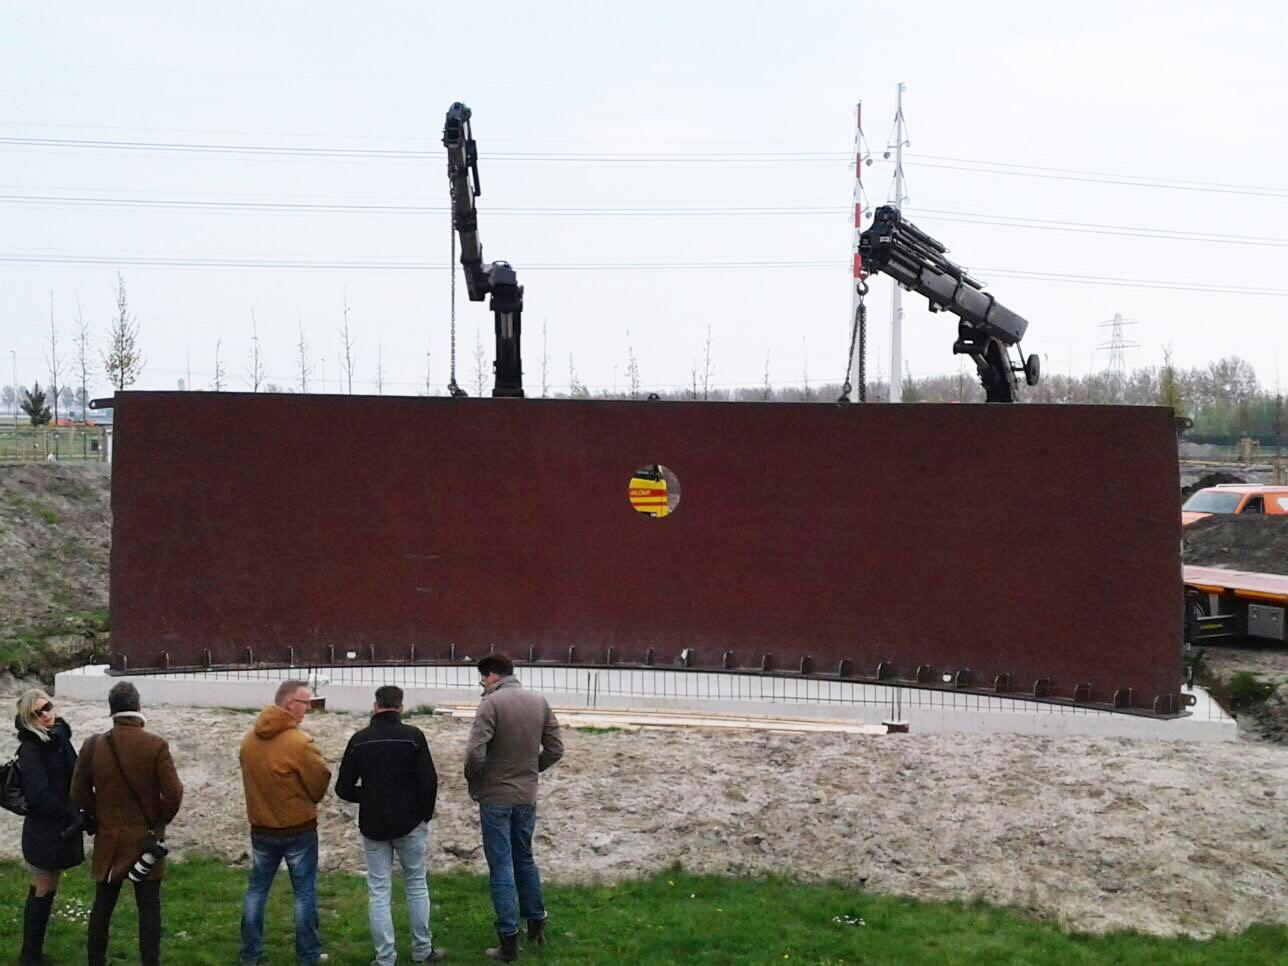 Установка мемориала в память о МН17. Фото с официального сайта проекта